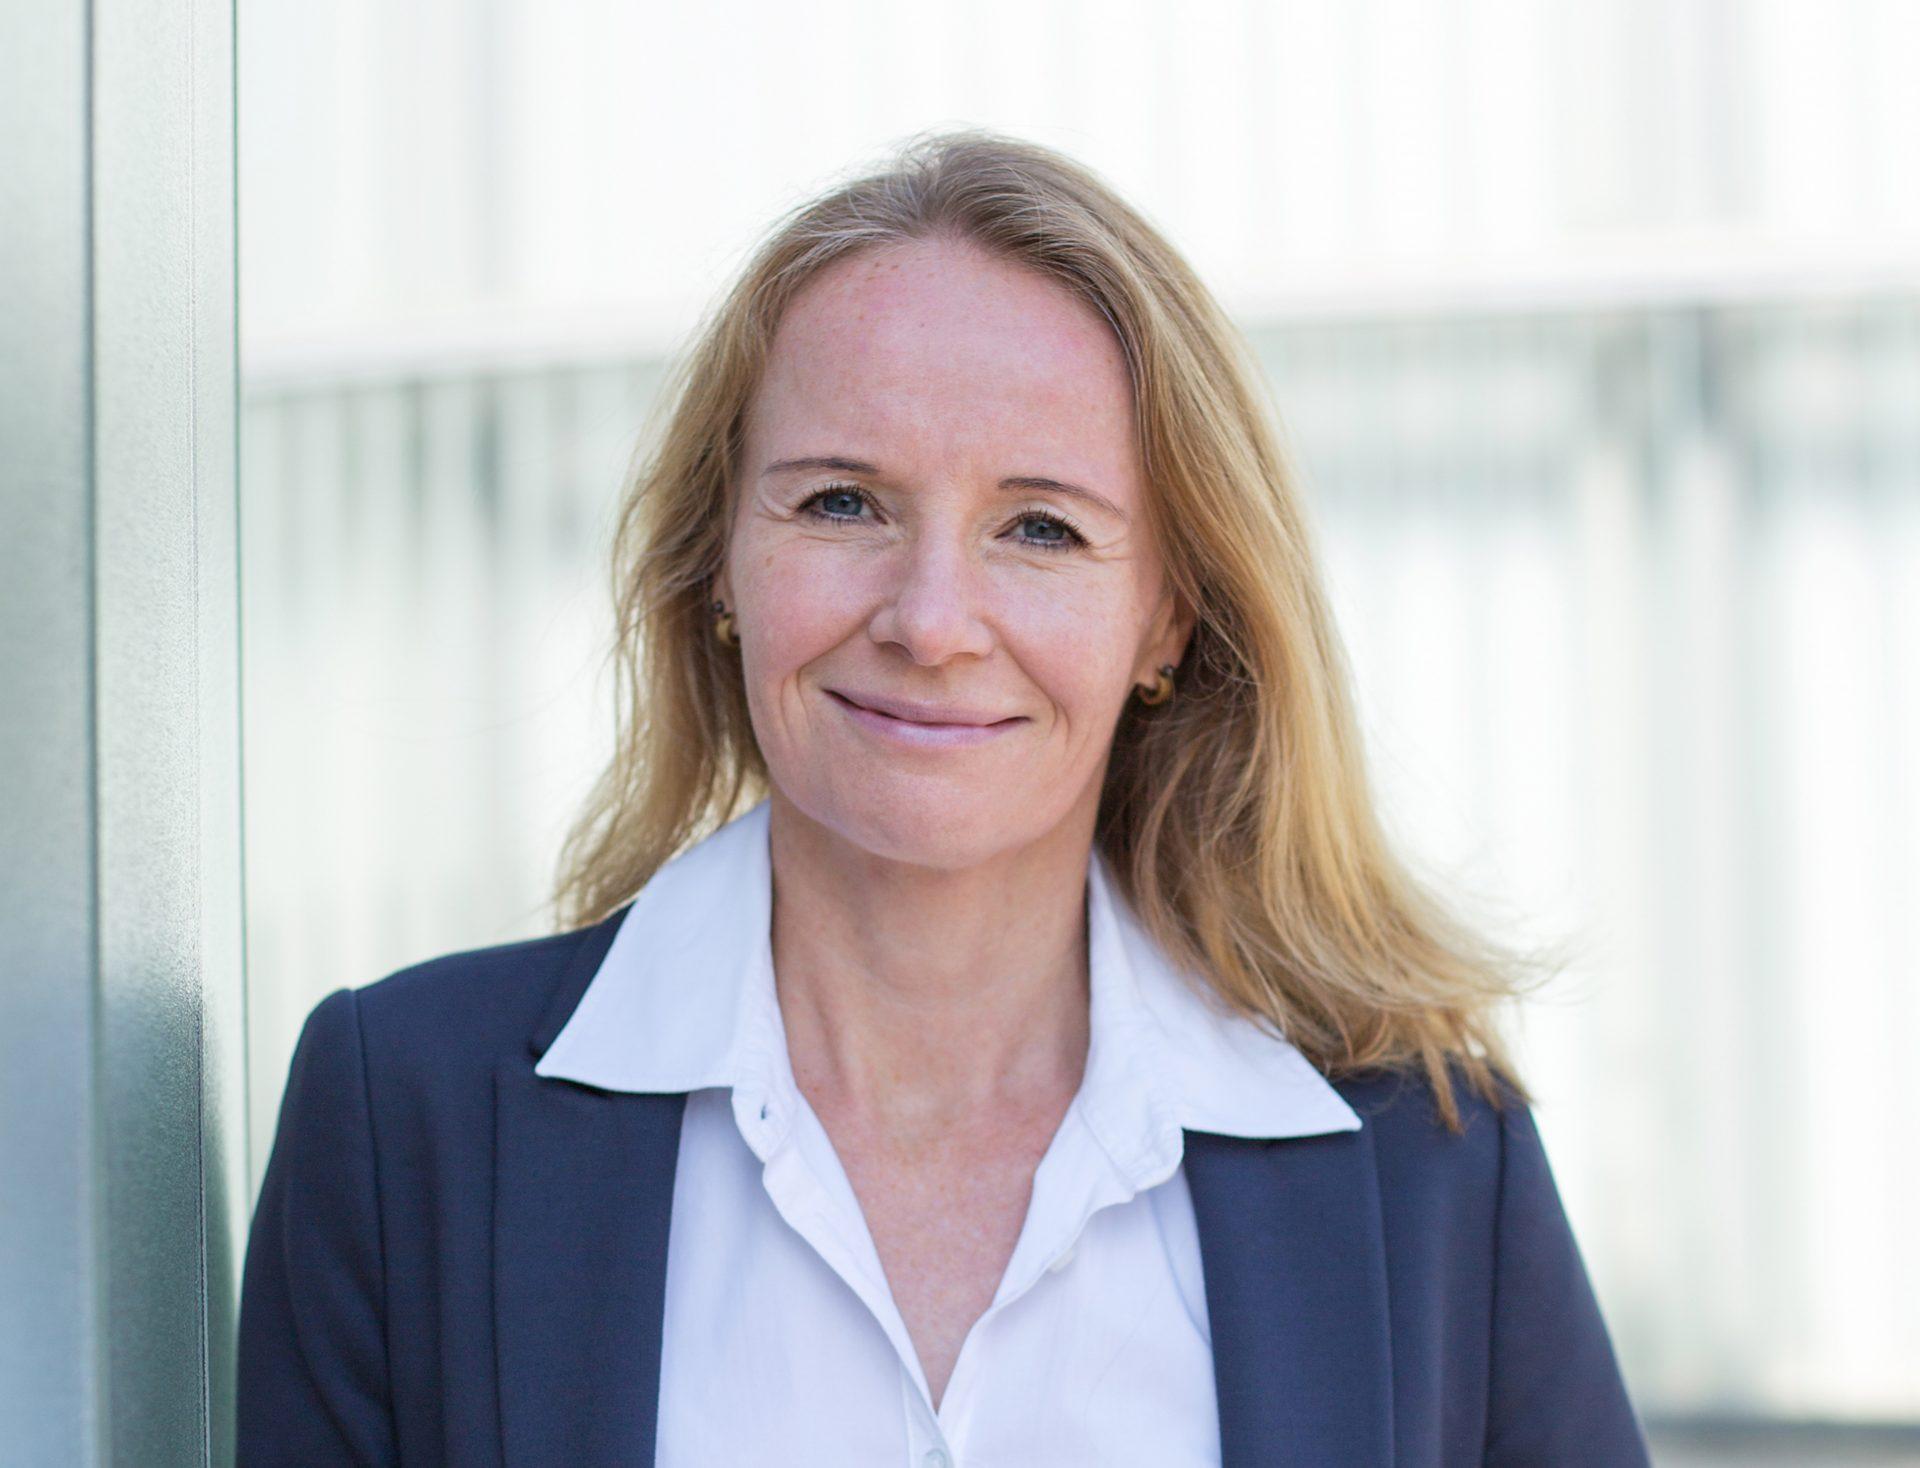 Margit Schonter unabhängige Baufinanzierung Portrait